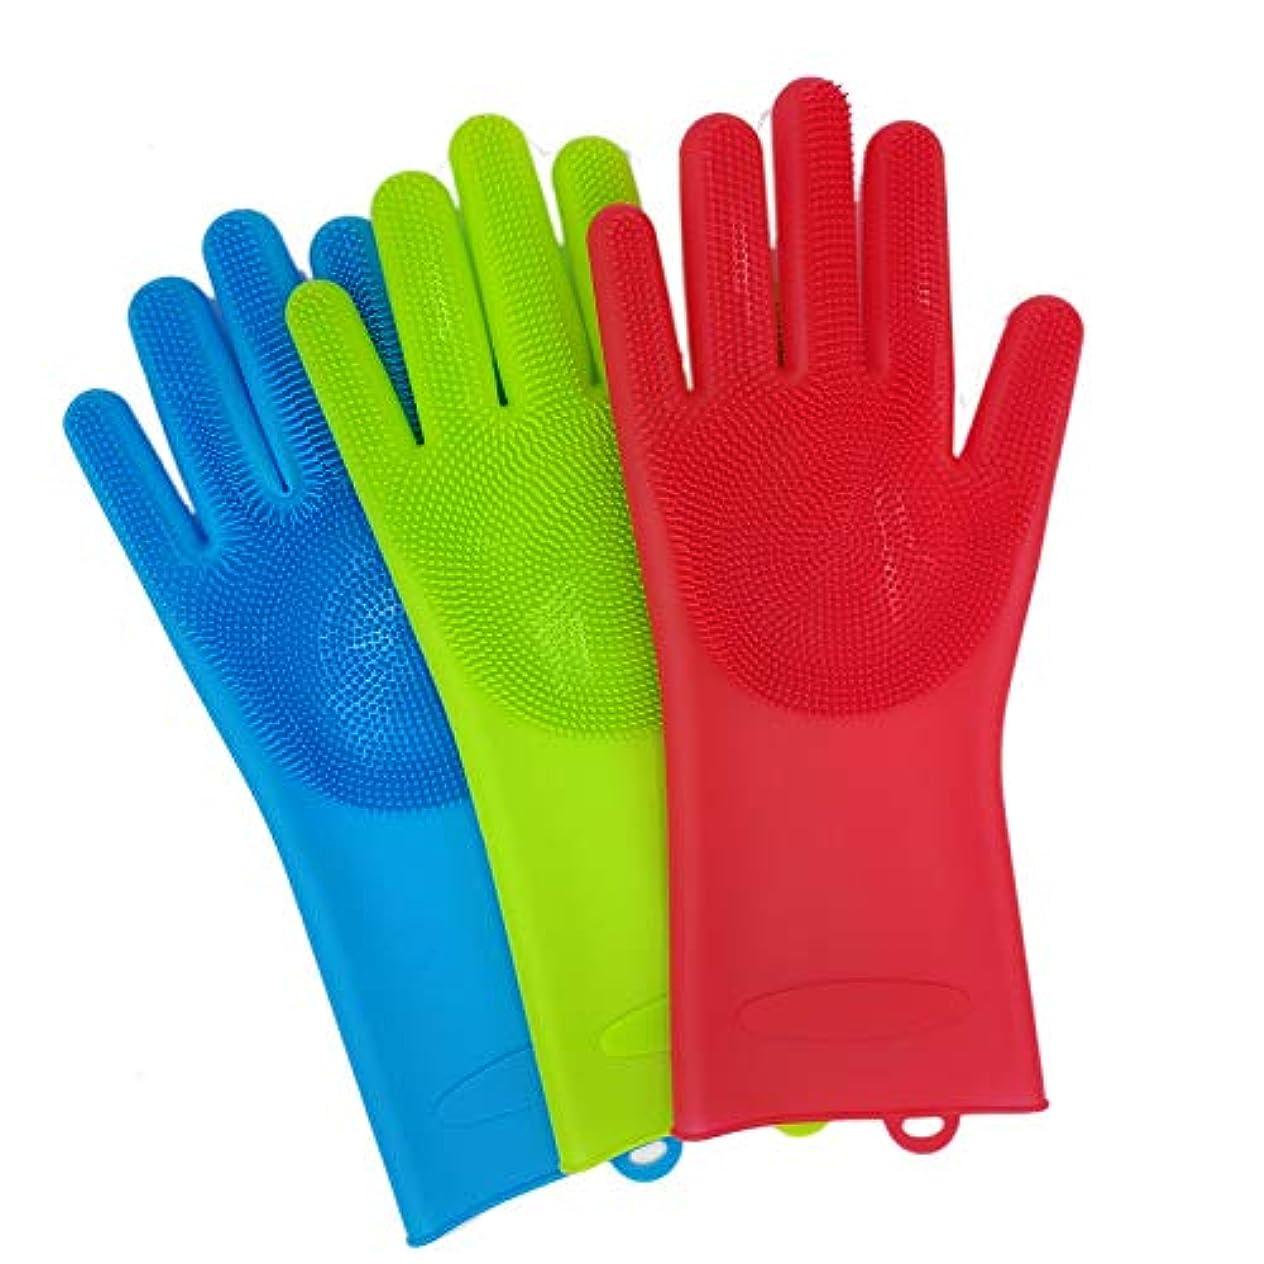 メンタルマングル専門BTXXYJP 手袋 ペット ブラシ 猫 ブラシ グローブ 耐摩耗 クリーナー 抜け毛取り マッサージブラシ 犬 グローブ ペット毛取りブラシ お手入れ (Color : Blue, Size : L)